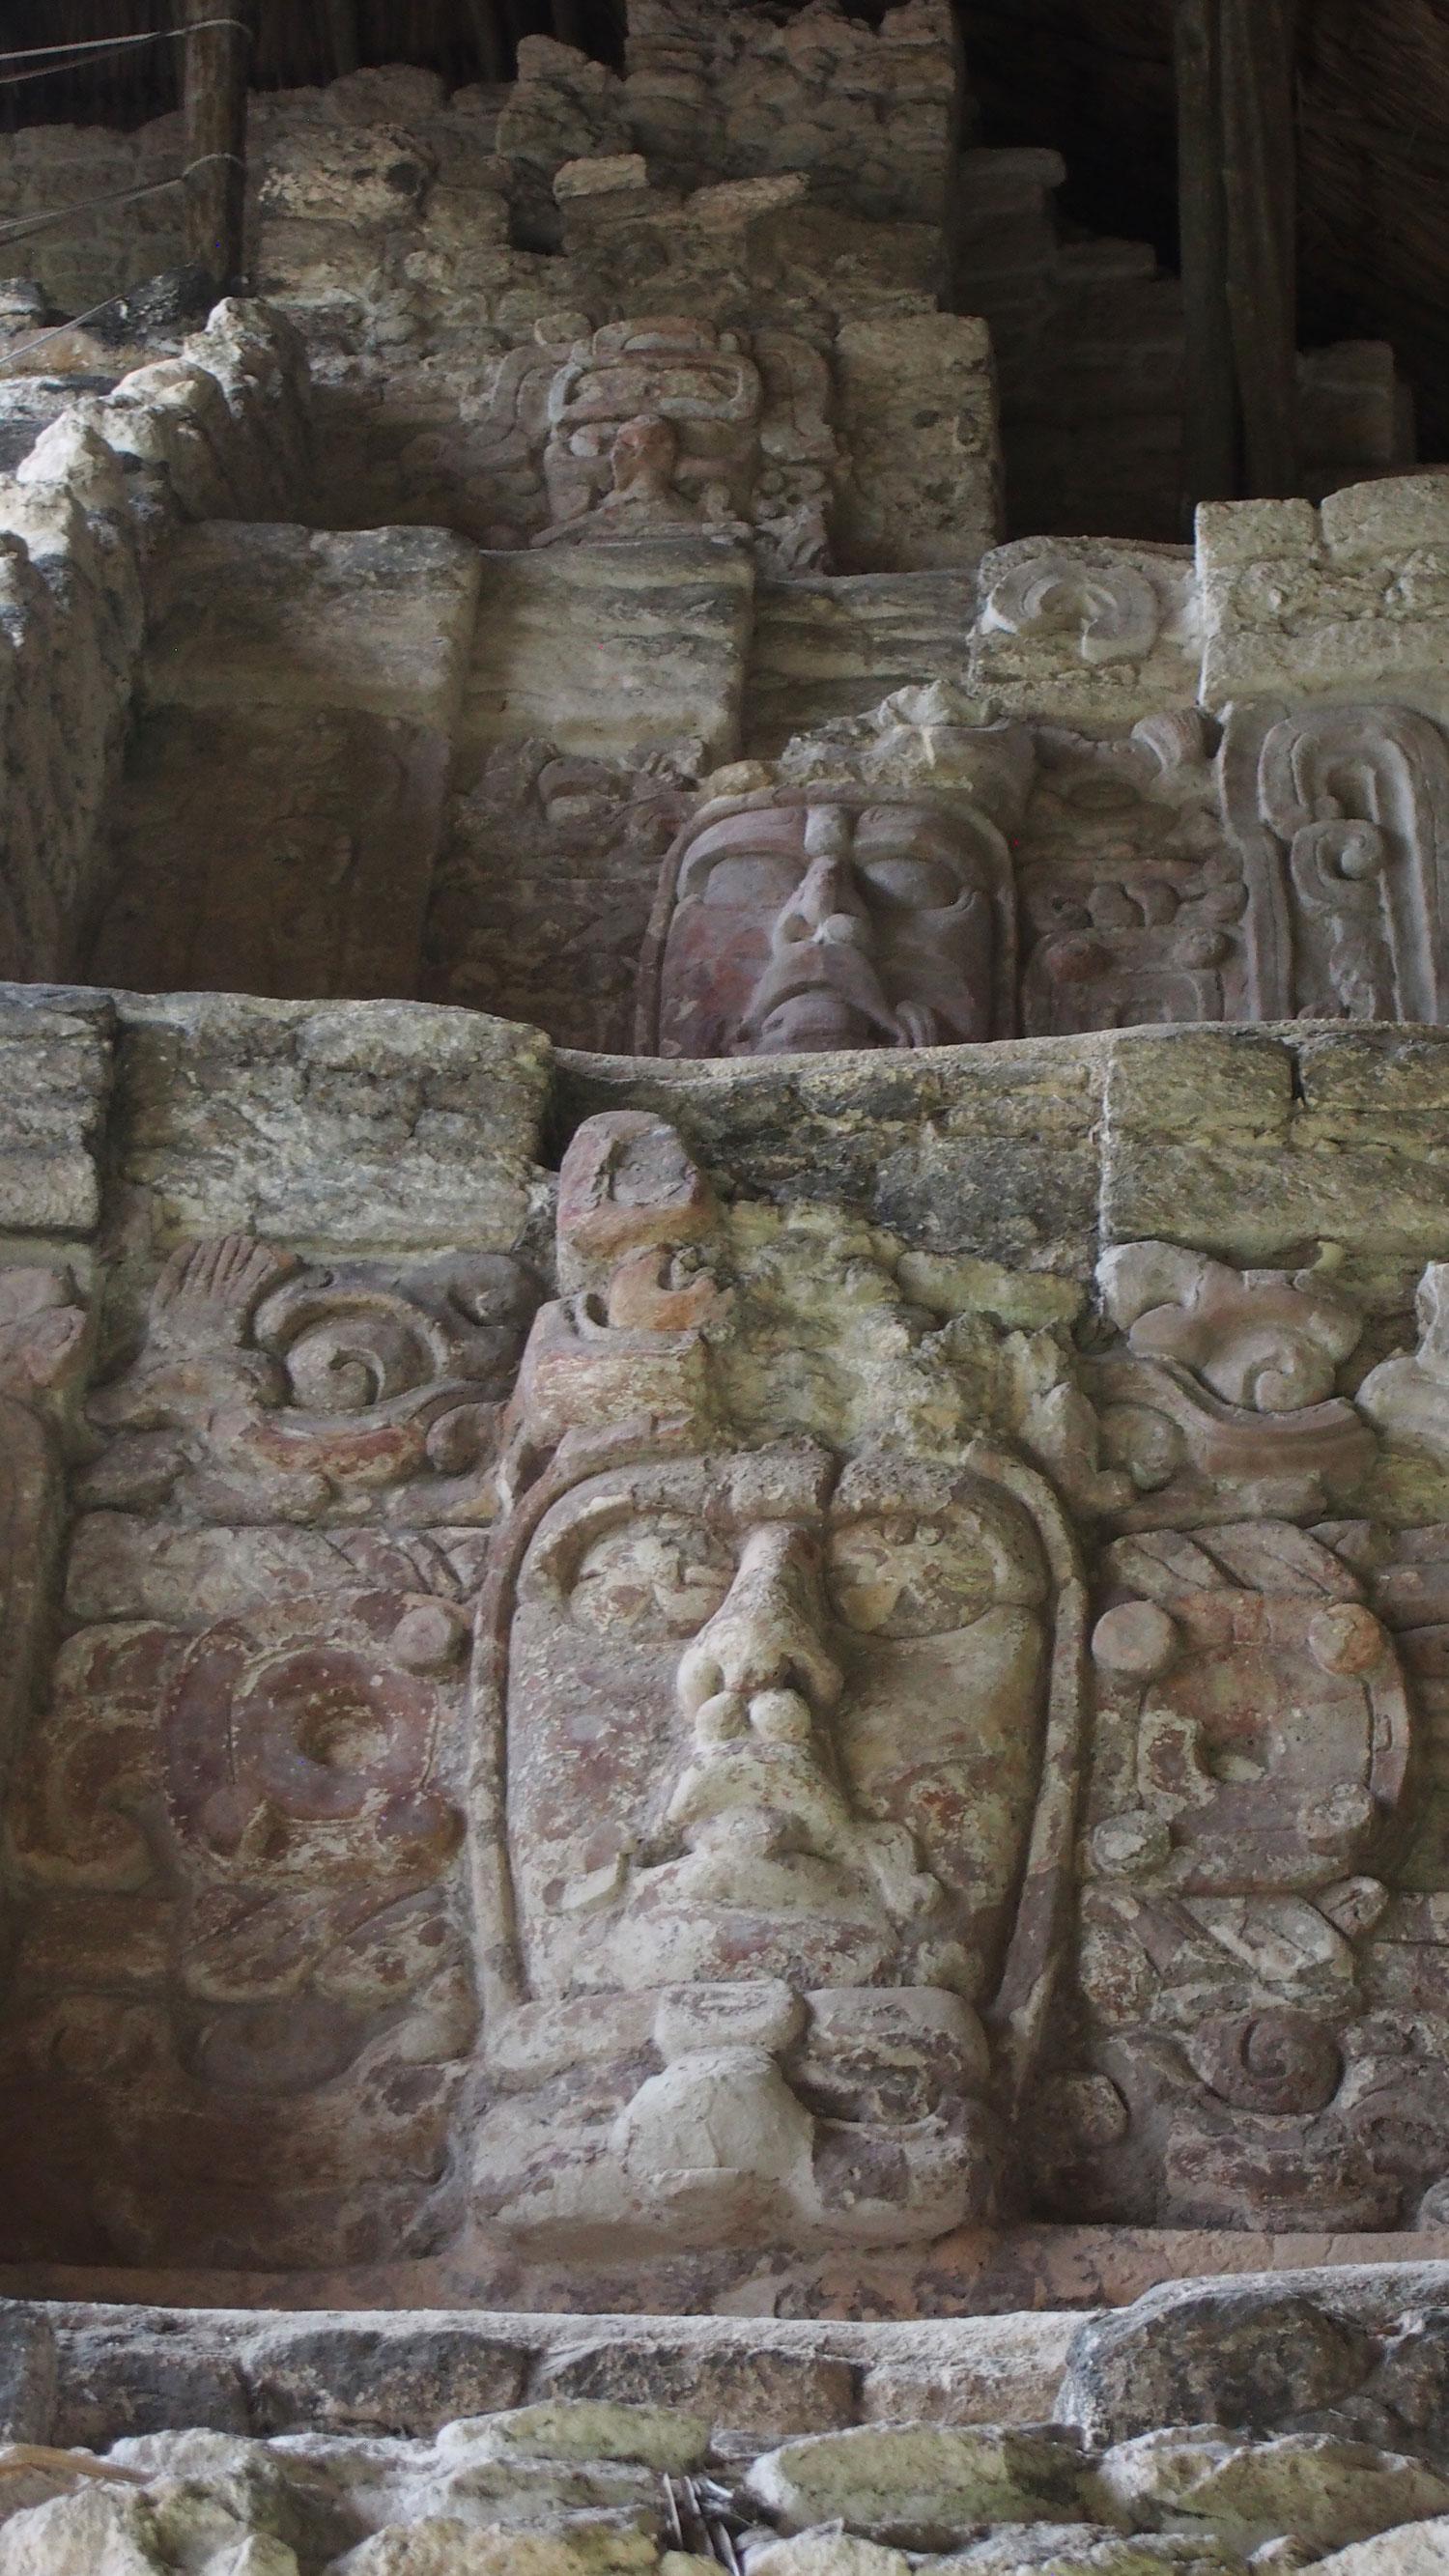 Hammocks_and_Ruins_What_to_Do_Yucatan_Mexico_pyramid_Maya_Kohunlich_34.jpg